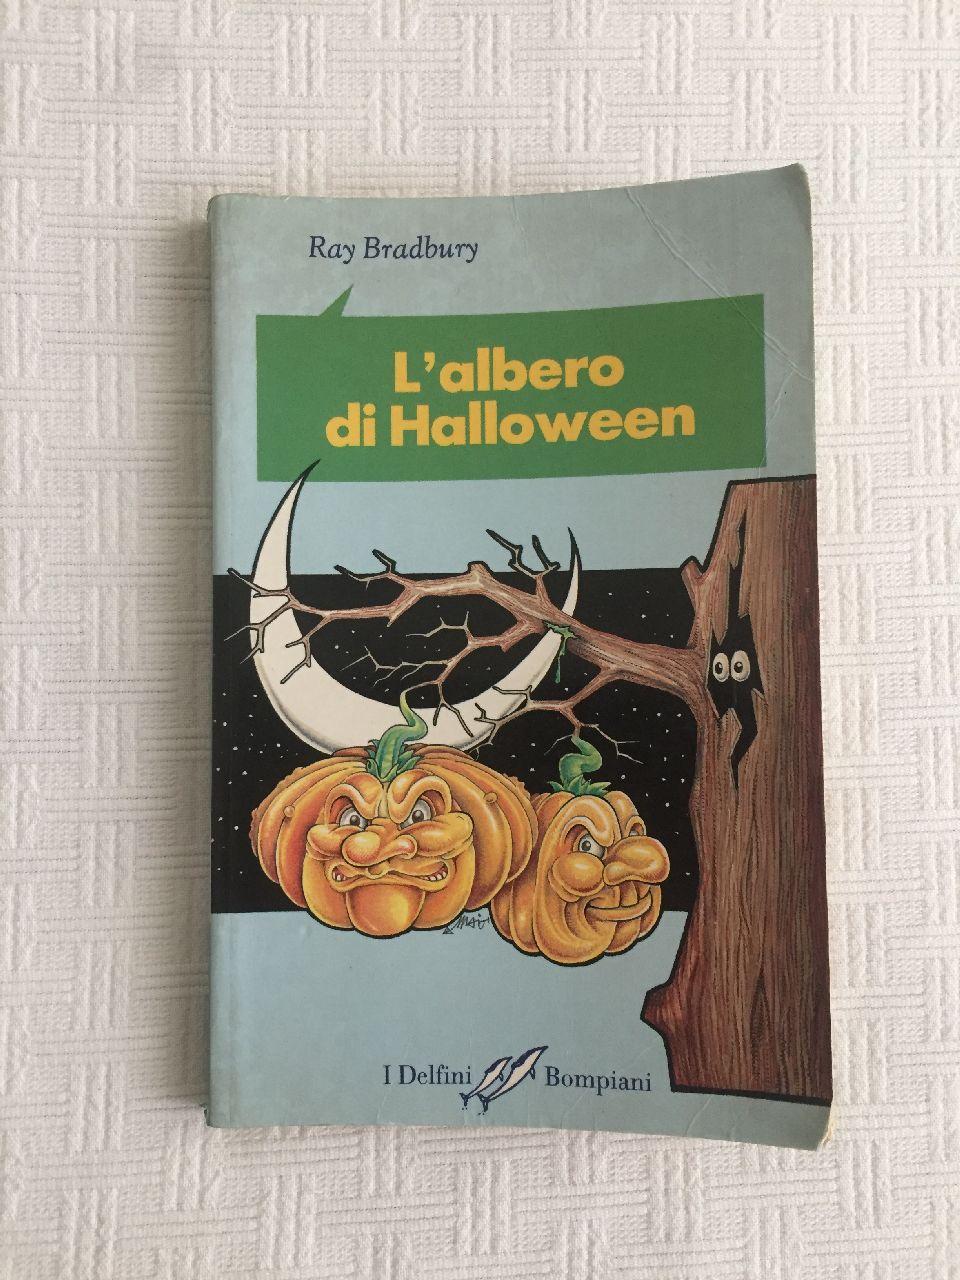 Ray Bradbury, L'albero di Halloween, Bompiani